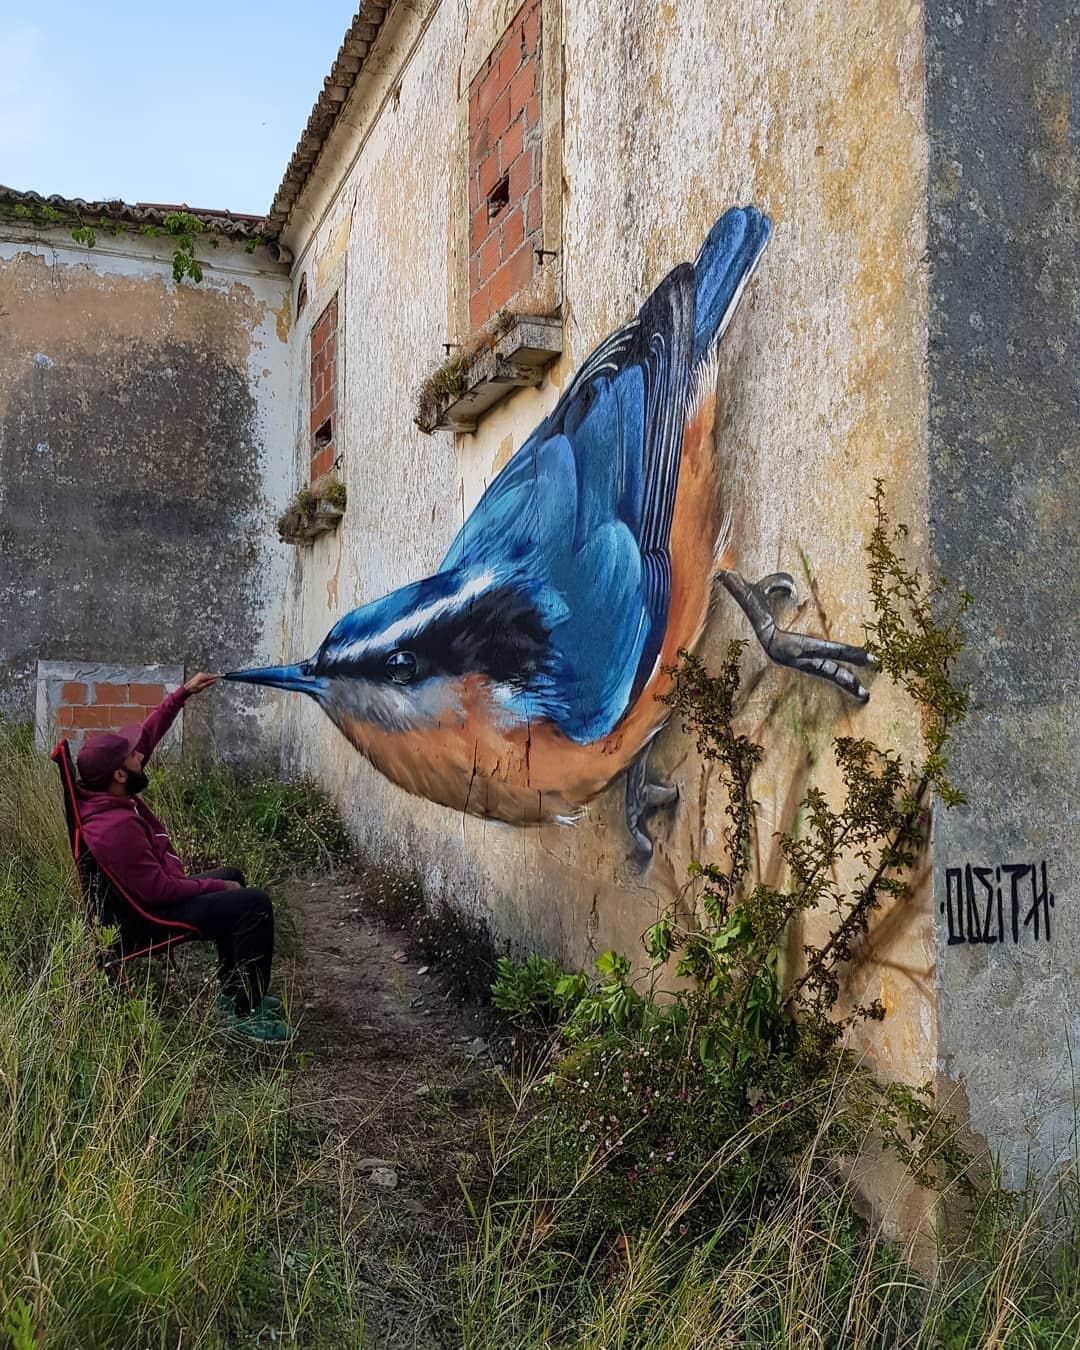 1565697710 f2a57d8906d352185345278f6d6809b6 - 20 работ художника, который превращает невзрачные стены в невероятно реалистичные 3D-граффити